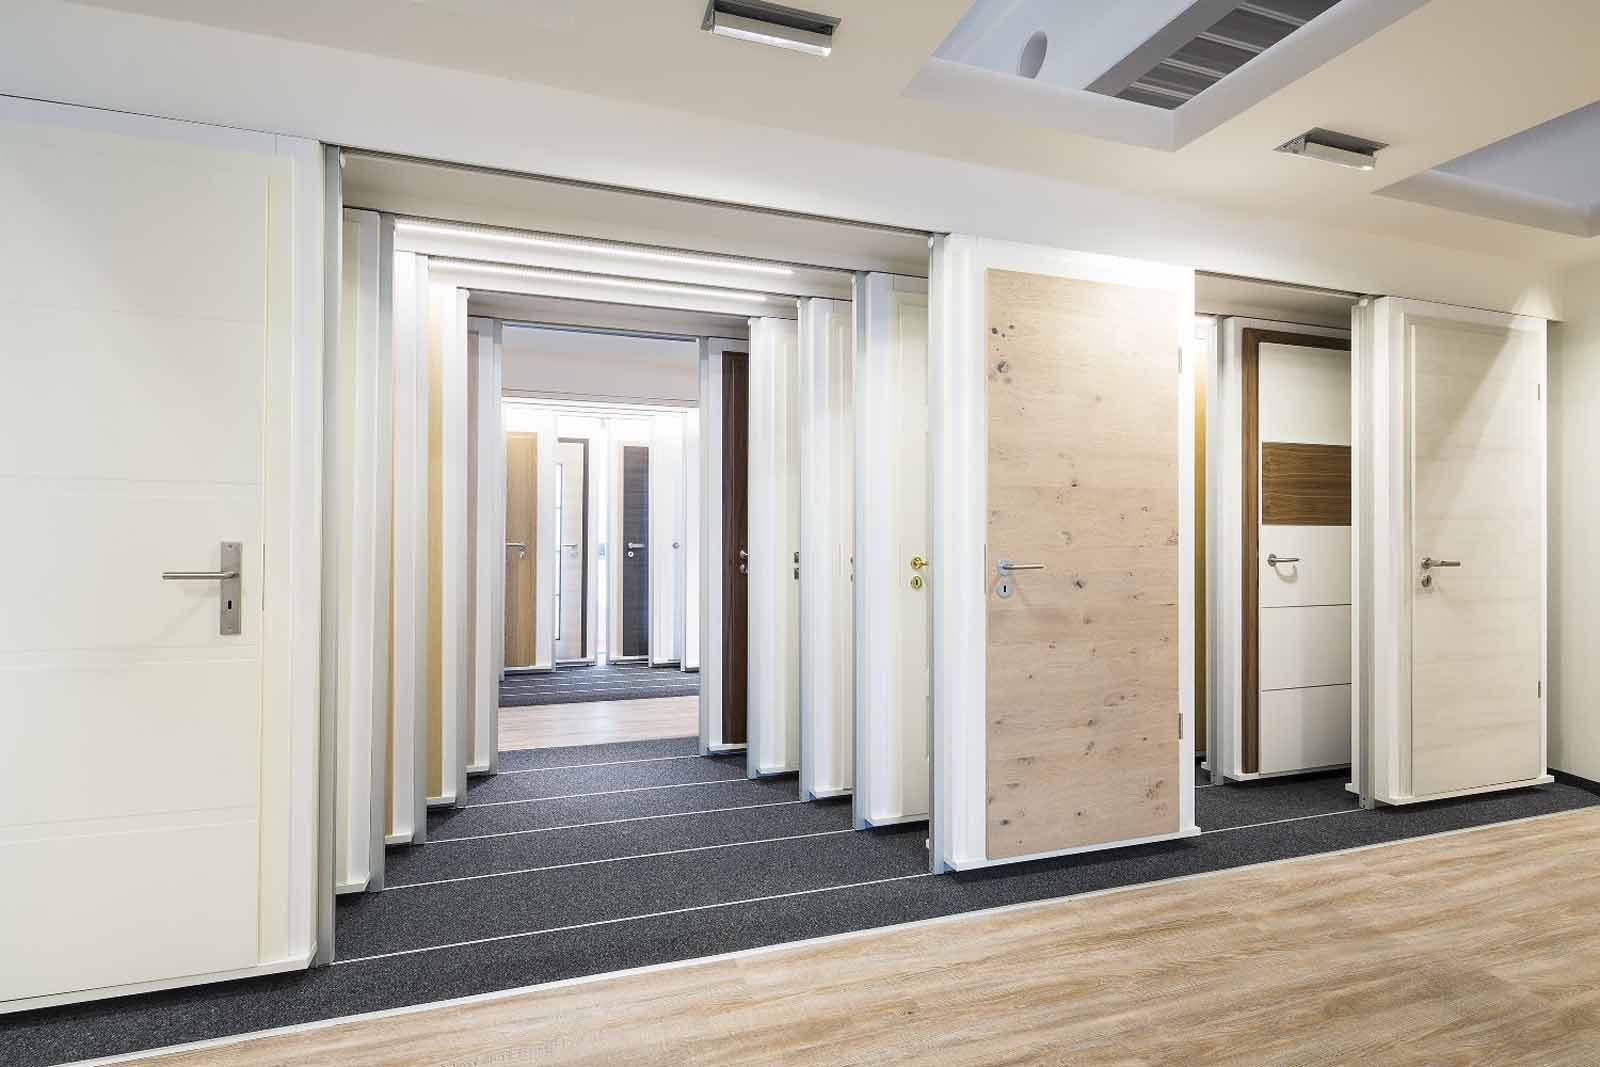 Auer Bauzentrum das auer bauzentrum eröffnet auch in parsdorf memmingen